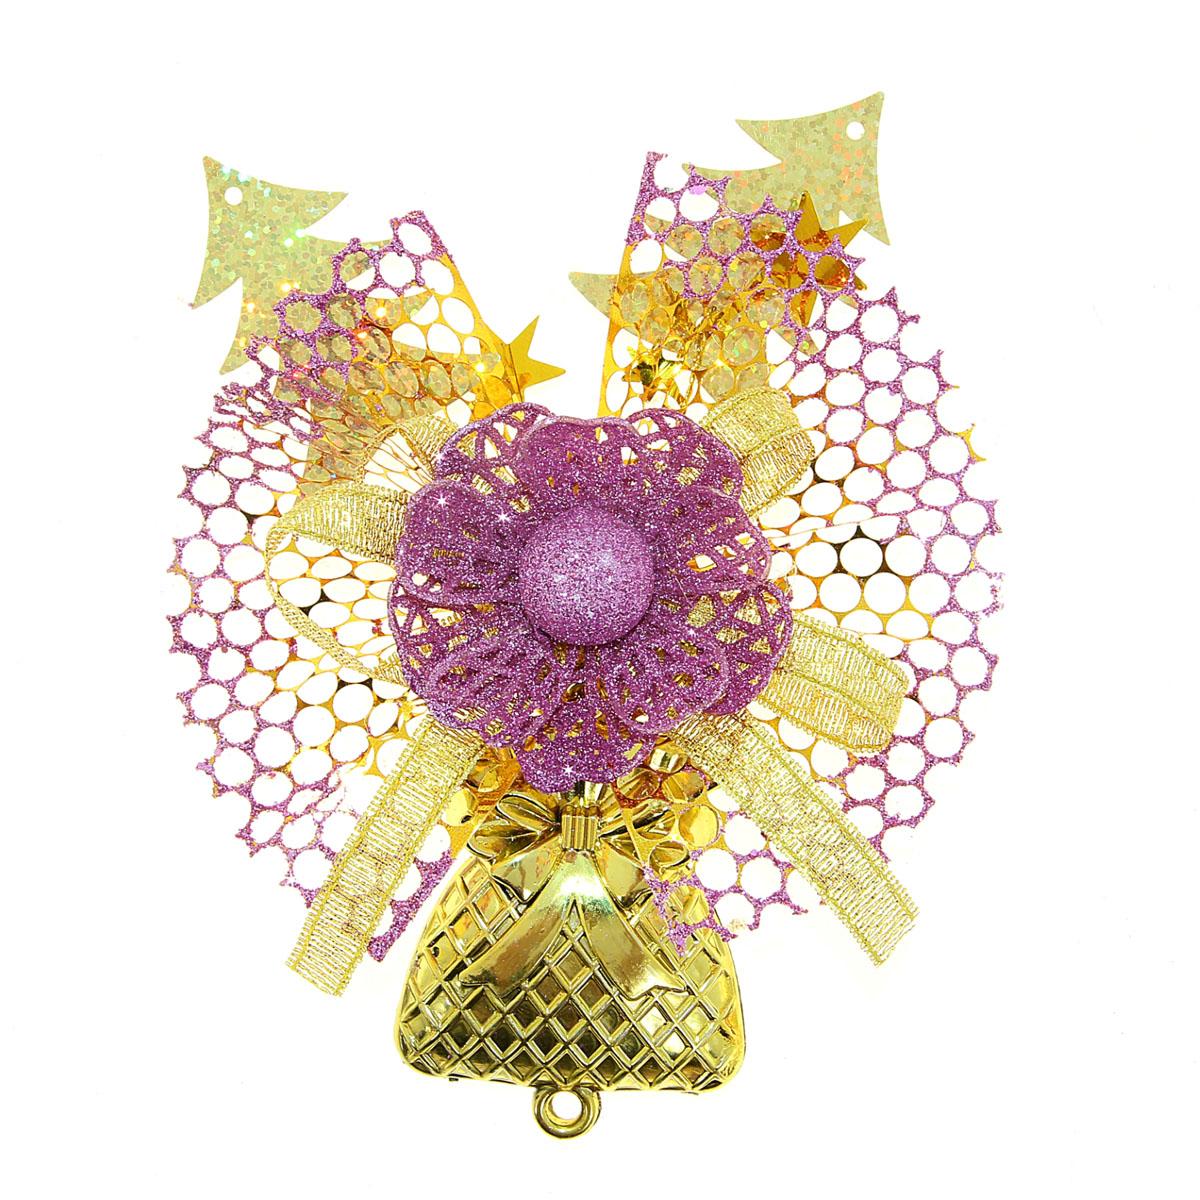 Набор новогодних подвесных украшений Sima-land Сумочки, цвет: фиолетовый, золотистый, 2 шт826734Набор новогодних подвесных украшений Sima-land Сумочки отлично подойдет для декорации вашего дома и новогодней ели. Набор состоит из двух украшений, выполненных в виде декоративных подвесок из текстильного банта, пластикового цветка и подвески в форме сумочки. Композиция имеет металлические крепления для подвешивания. Елочная игрушка - символ Нового года. Она несет в себе волшебство и красоту праздника. Создайте в своем доме атмосферу веселья и радости, украшая всей семьей новогоднюю елку нарядными игрушками, которые будут из года в год накапливать теплоту воспоминаний. Размер украшения: 11 см х 15 см х 3 см.